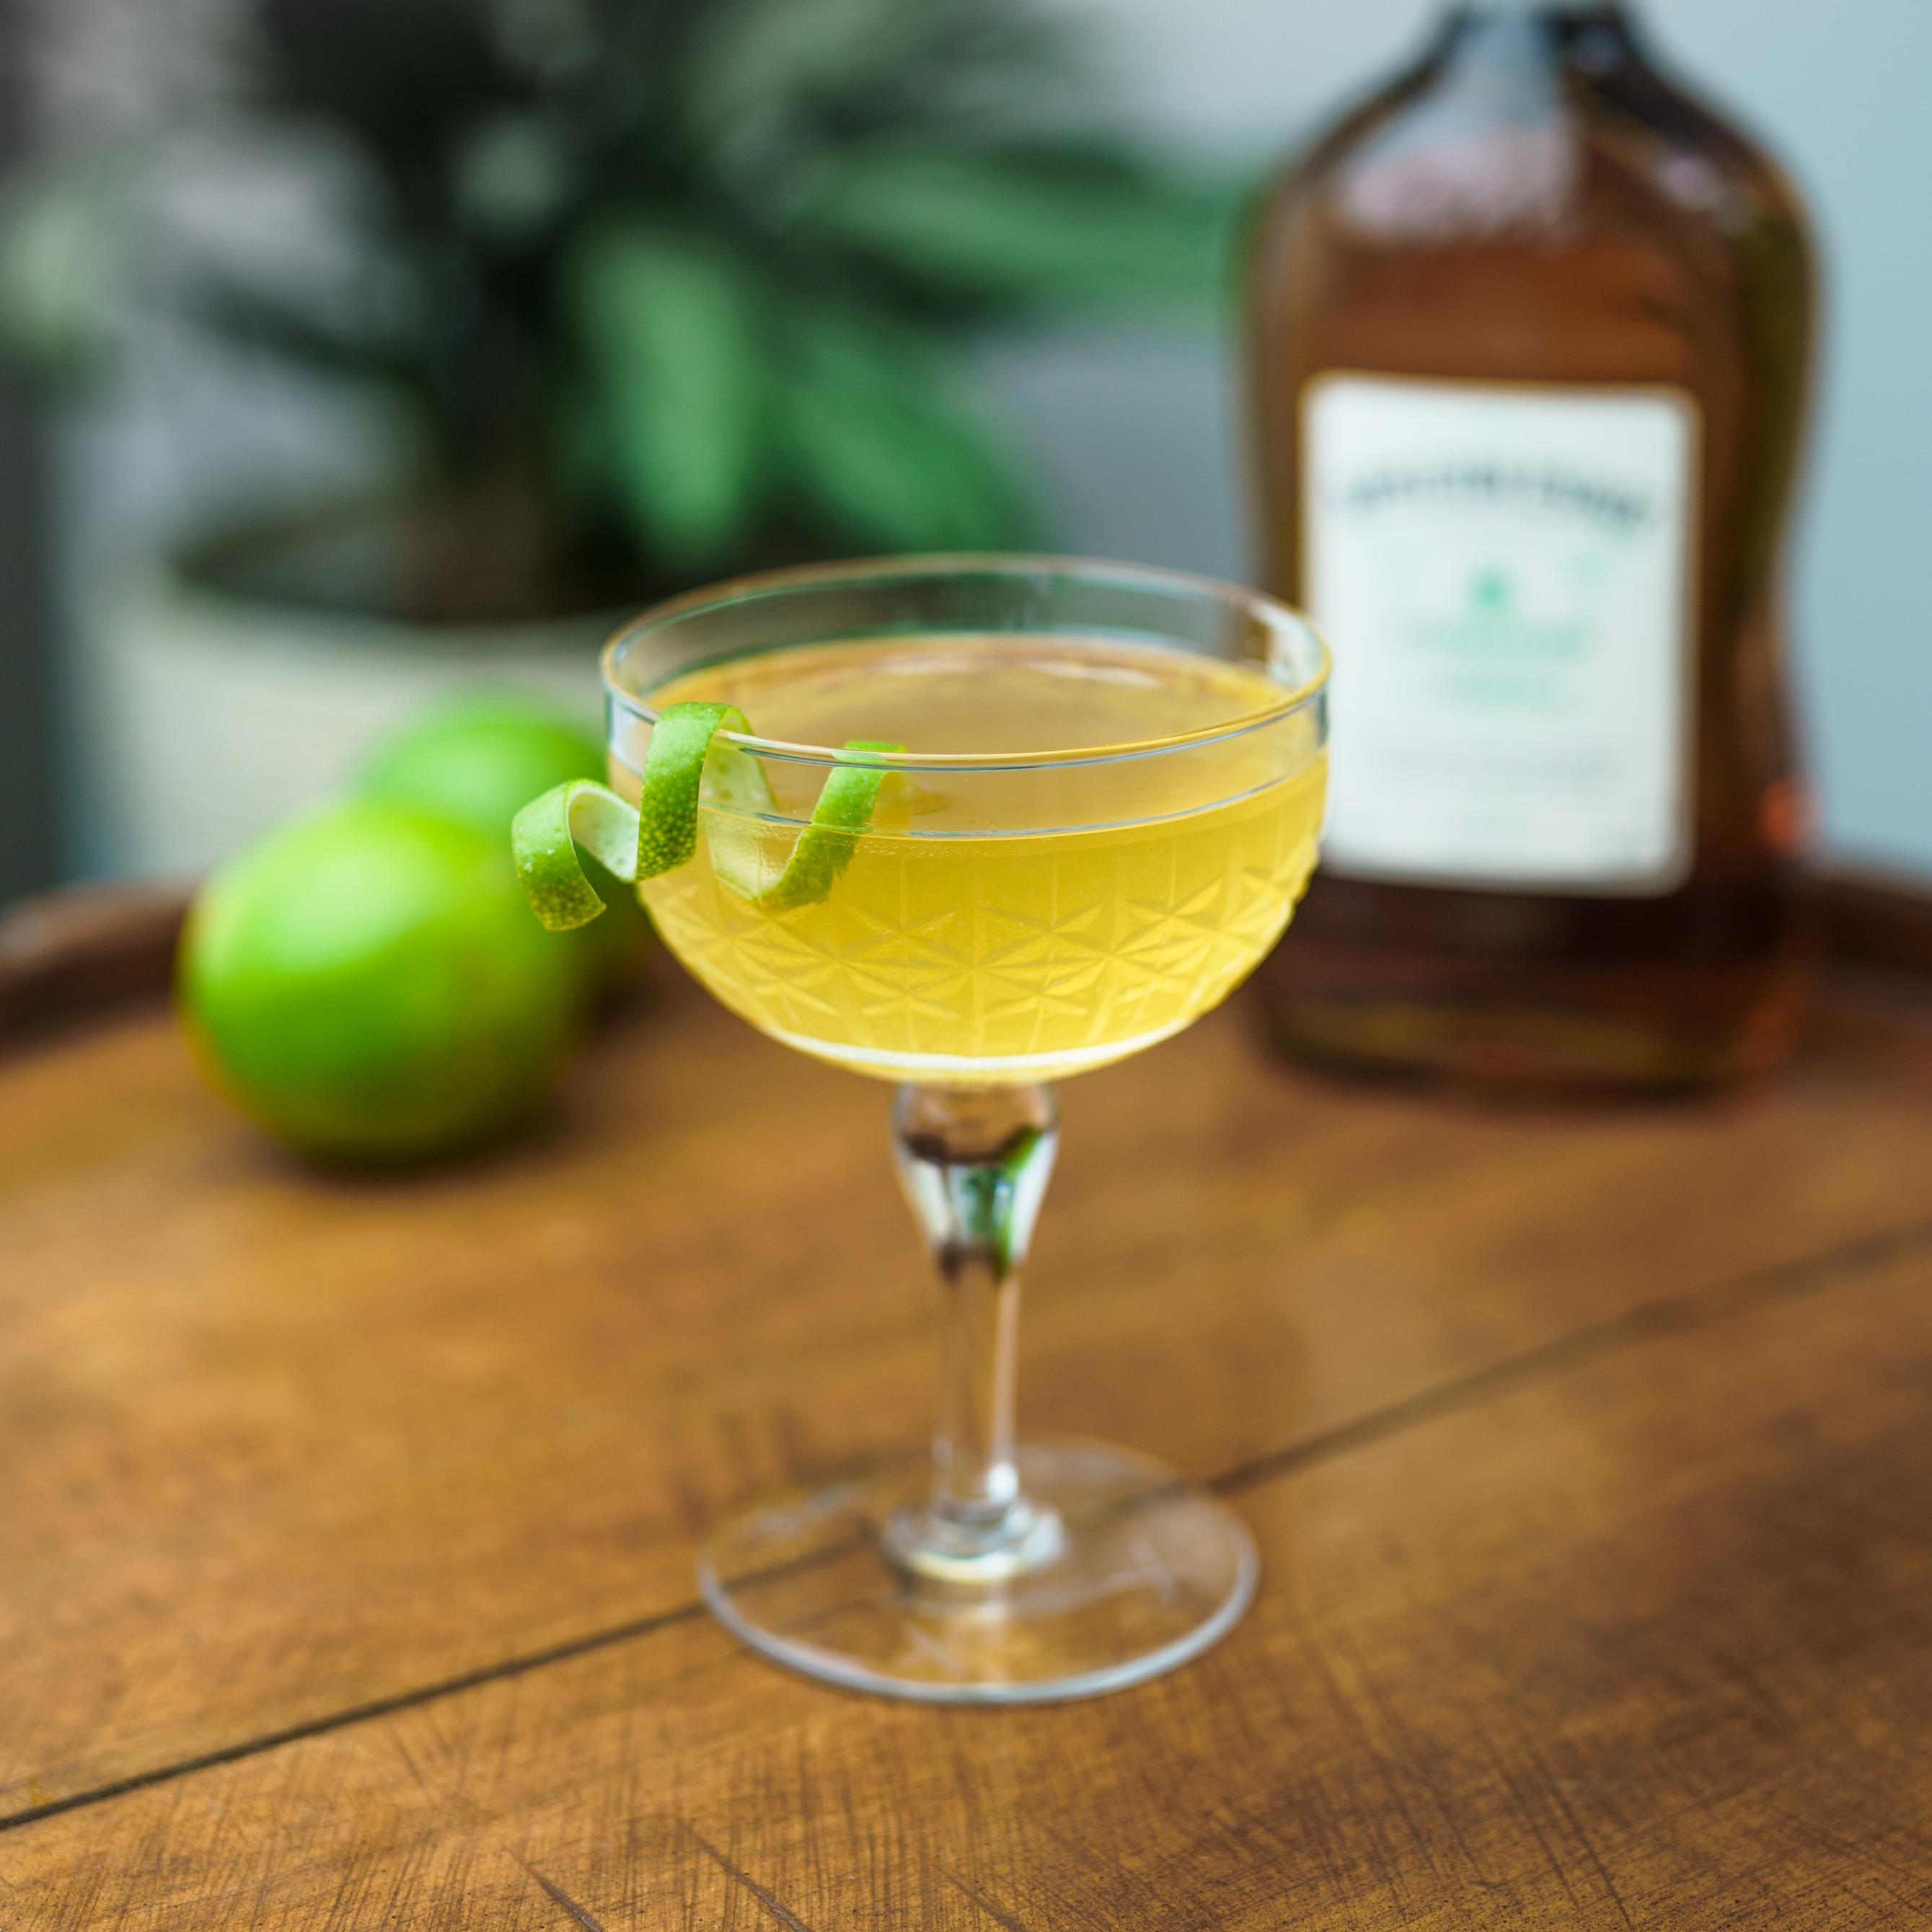 3 cócteles refrescantes con ron para disfrutar el verano en casa